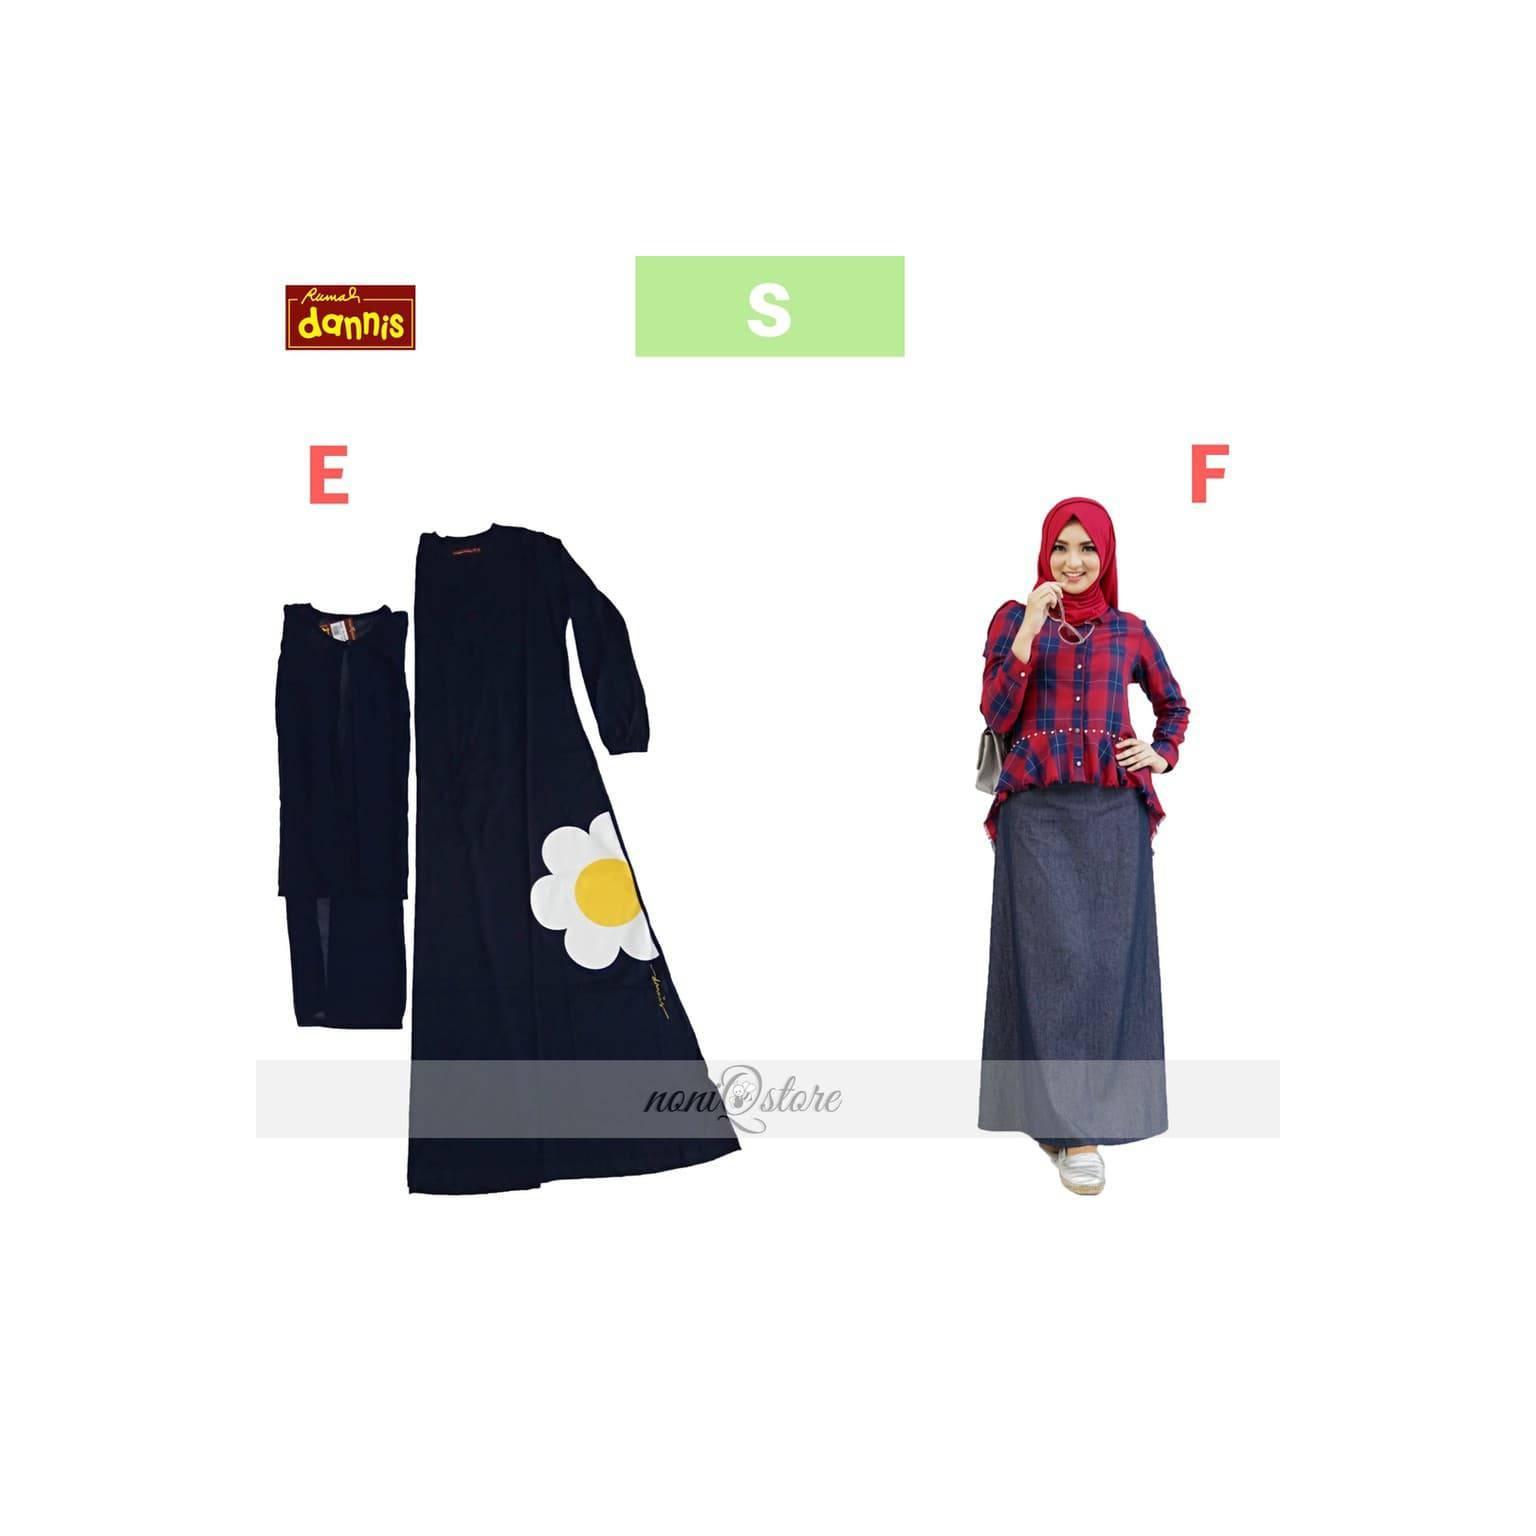 Abaya Dewasa DANNIS Size S Gamis Ibu Setelan Dewasa Baju Muslim 01 02